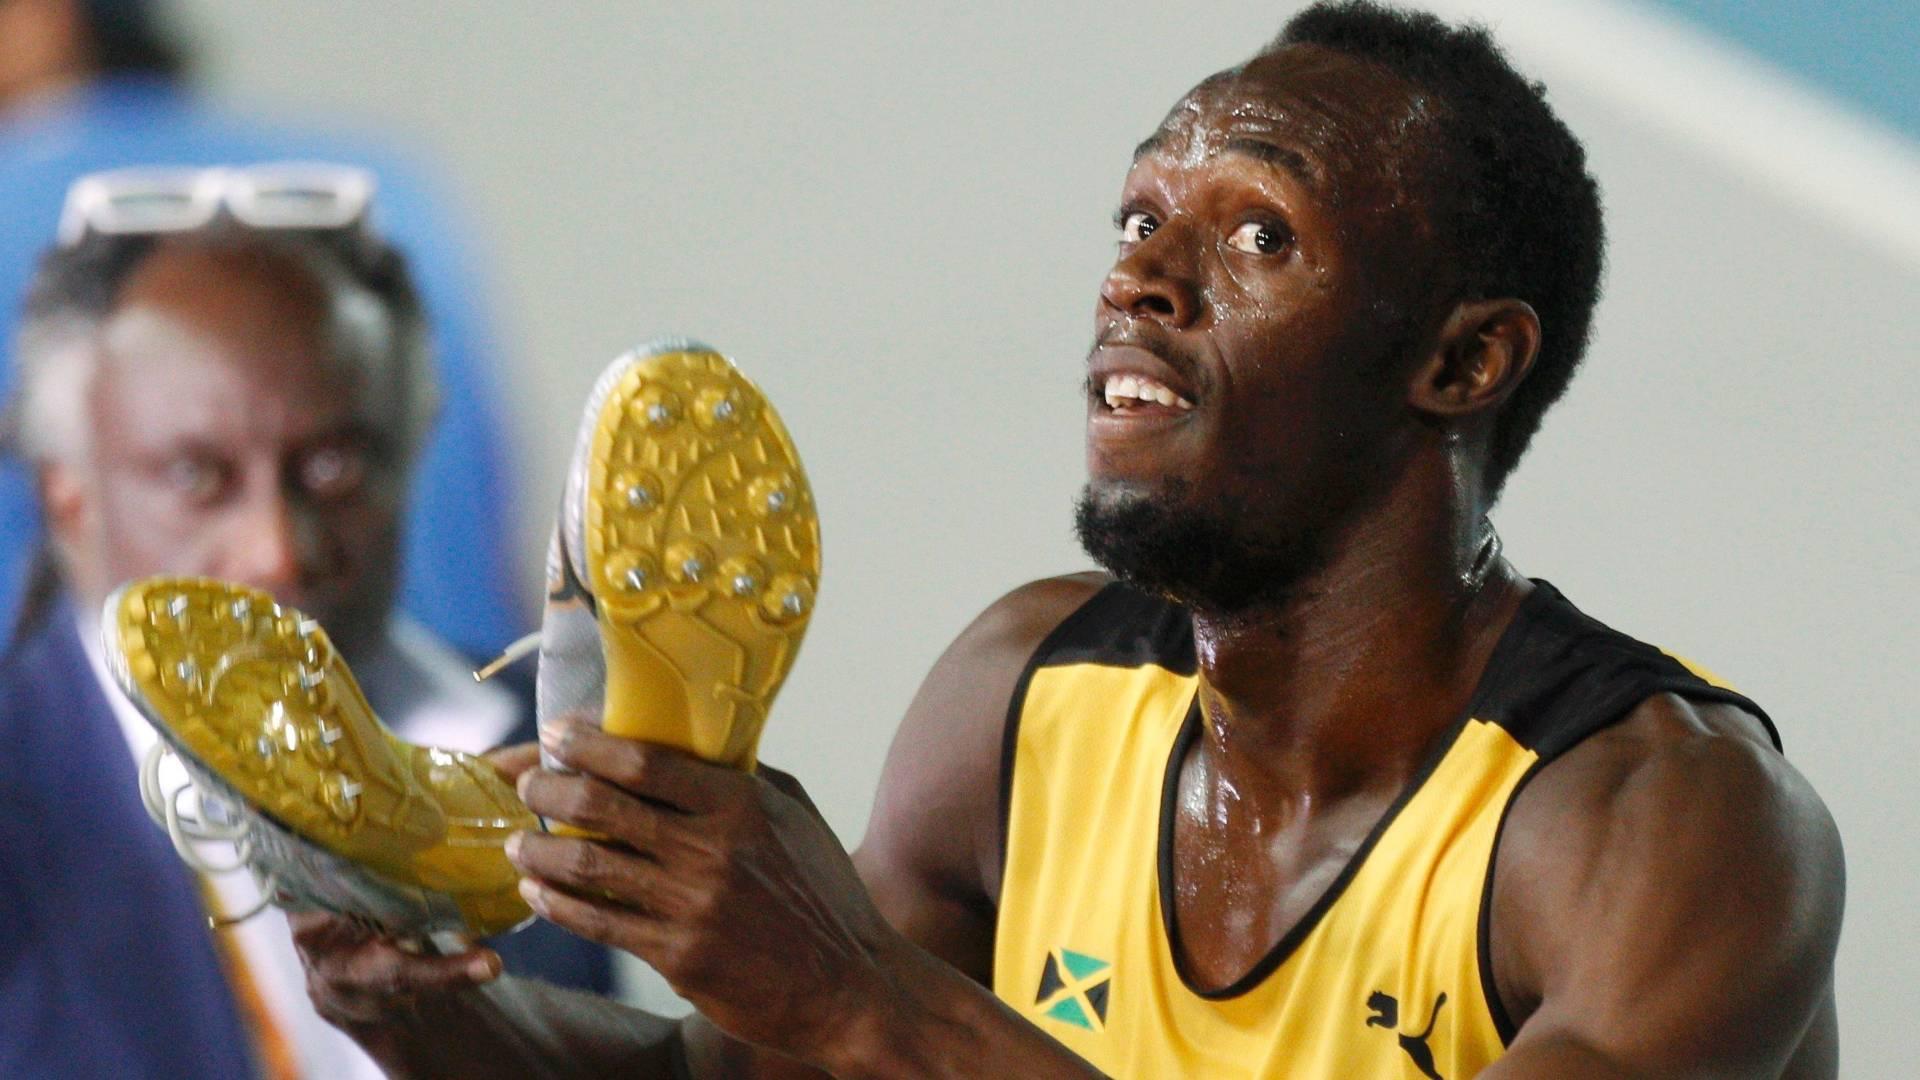 Usain Bolt exibe suas sapatilhas fazendo piada após a semifinal dos 200m em Daegu (02/09/2011)